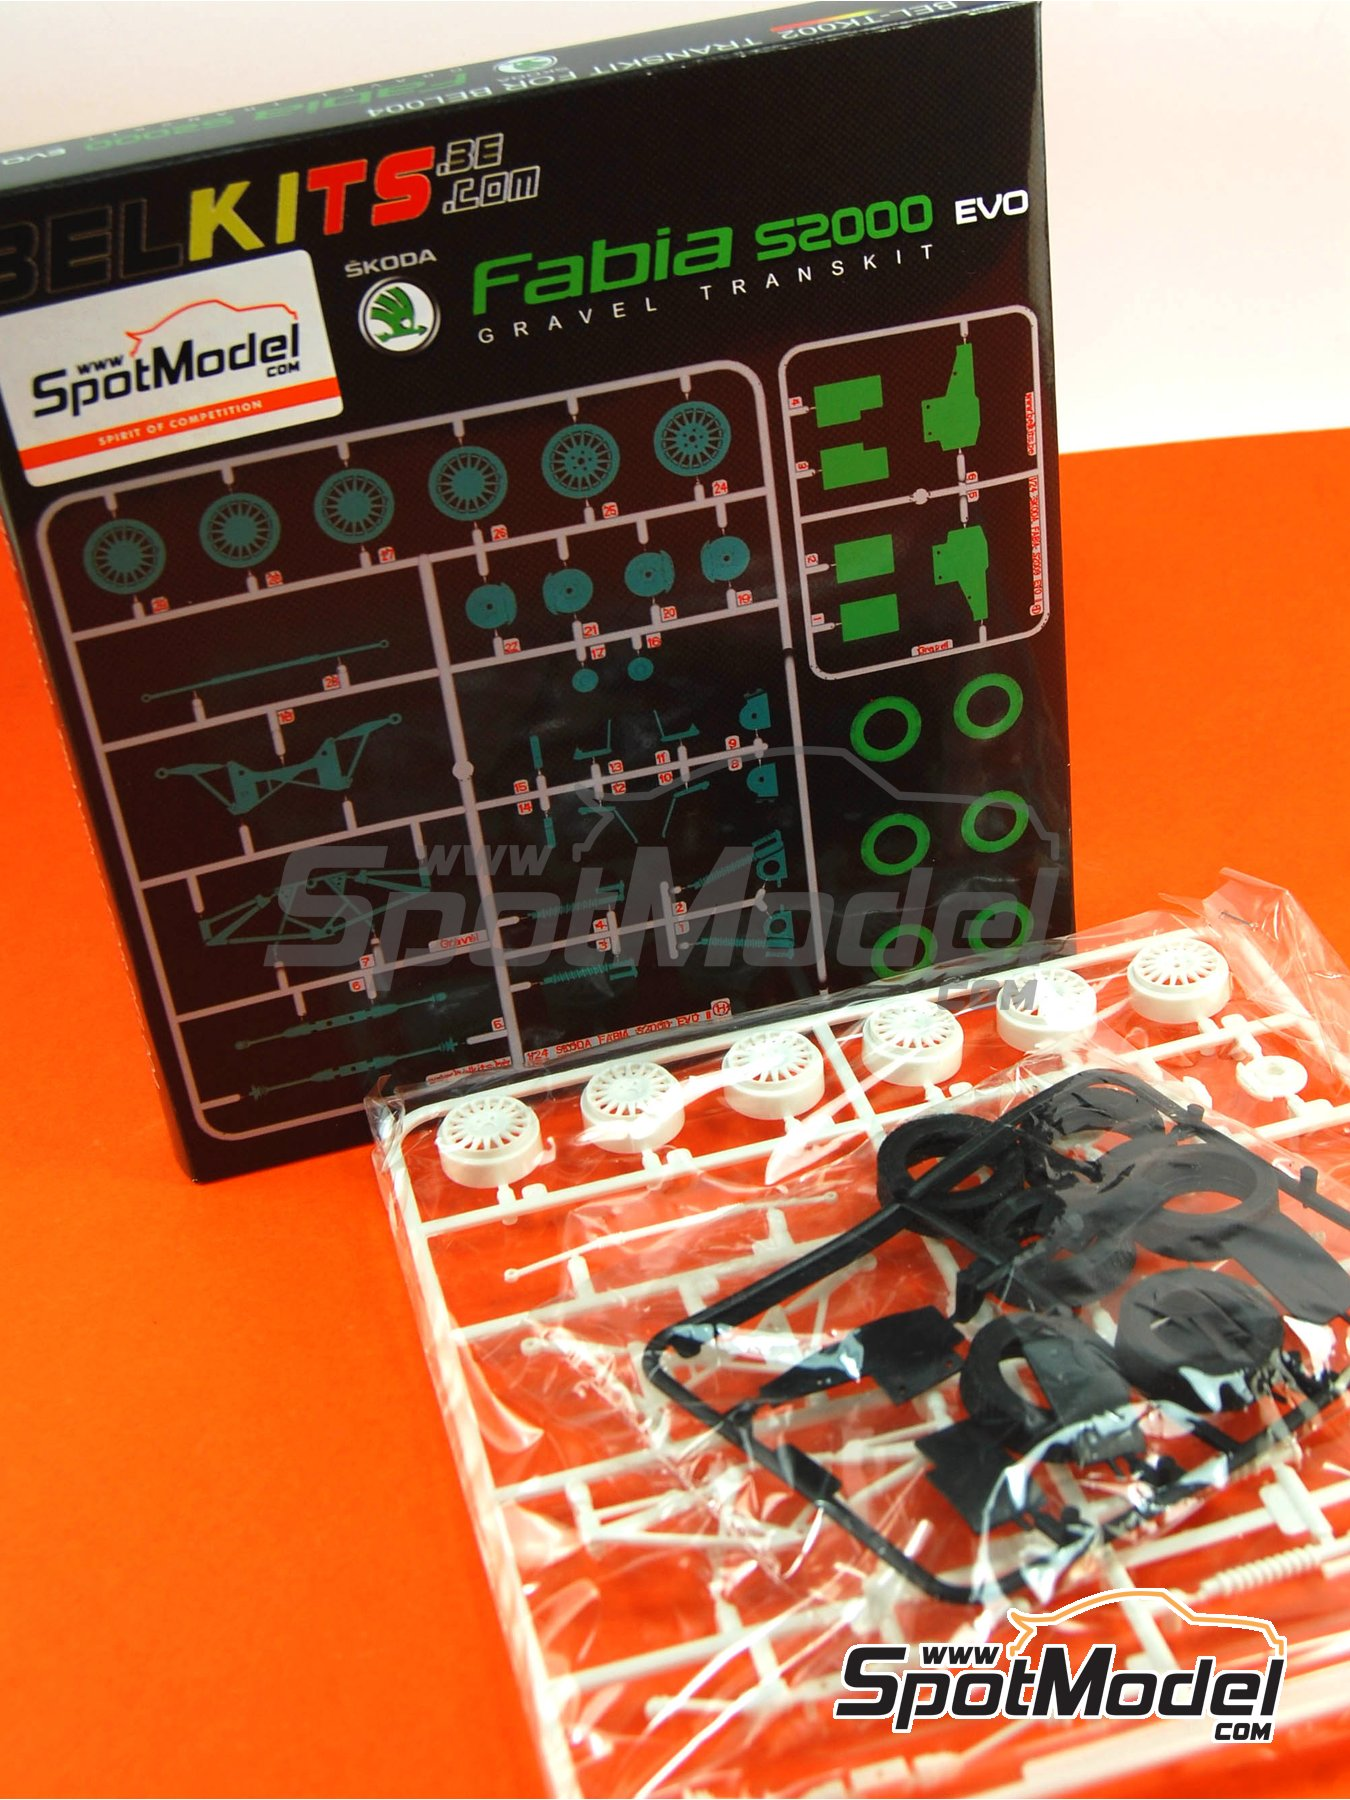 Skoda Fabia S2000 Evo - Gravel Set | Transkit in 1/24 scale manufactured by Belkits (ref.BEL-TK002) image